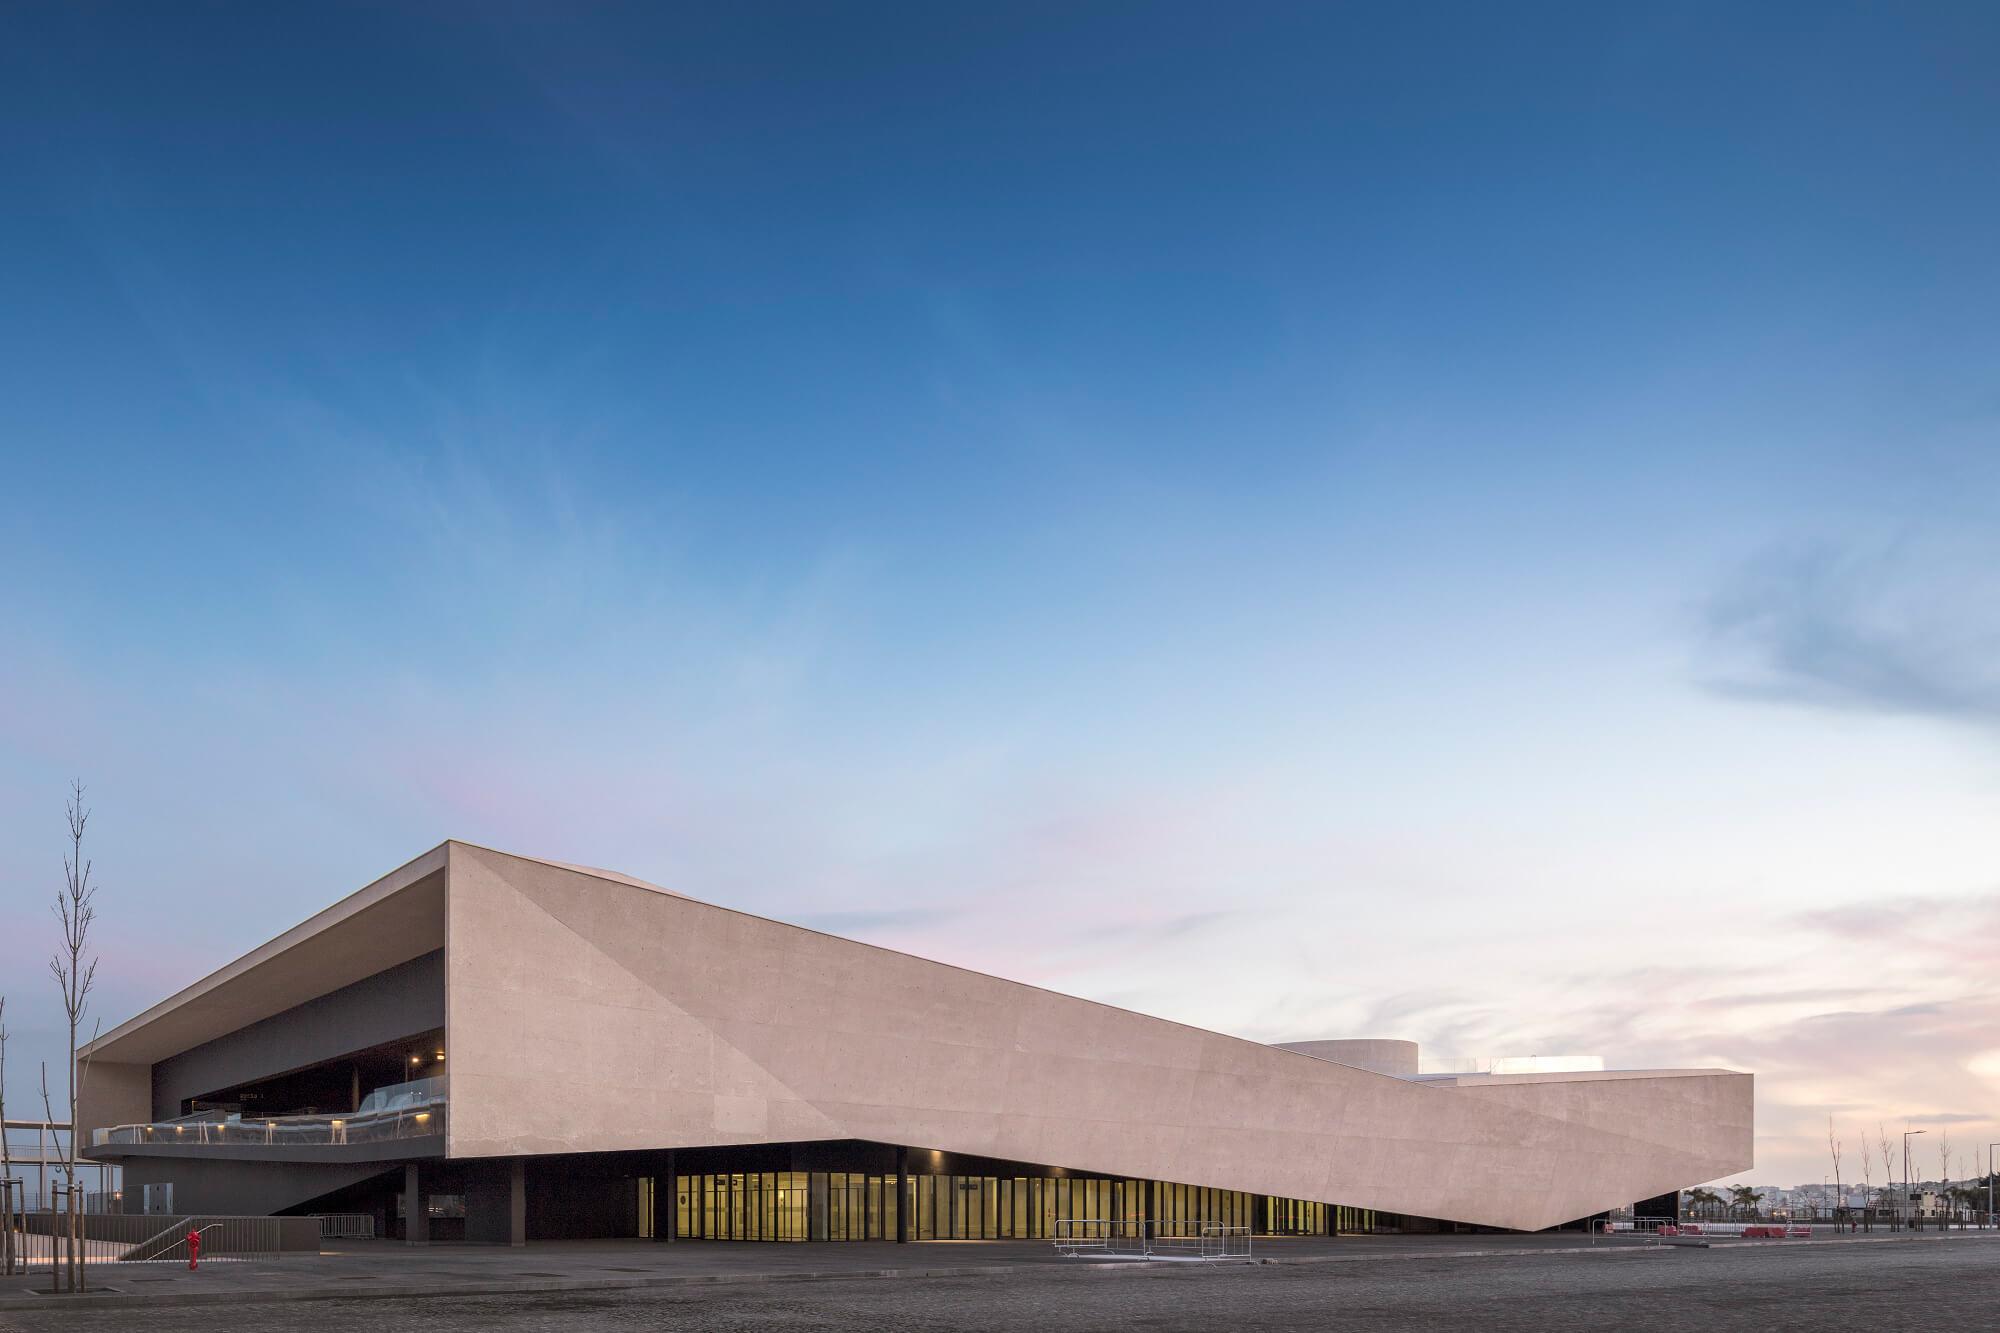 Terminal de Cruzeiros de Santa Apolónia